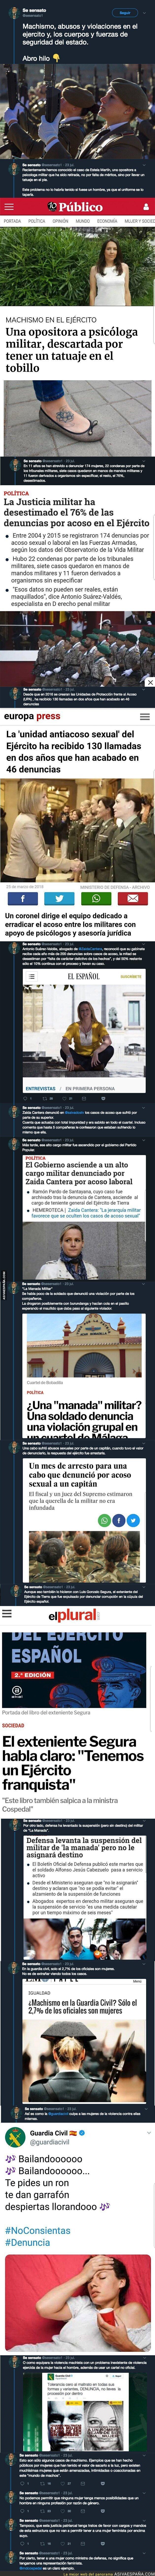 90057 - La terrible situación de las mujeres en Guardia Civil y ejército español